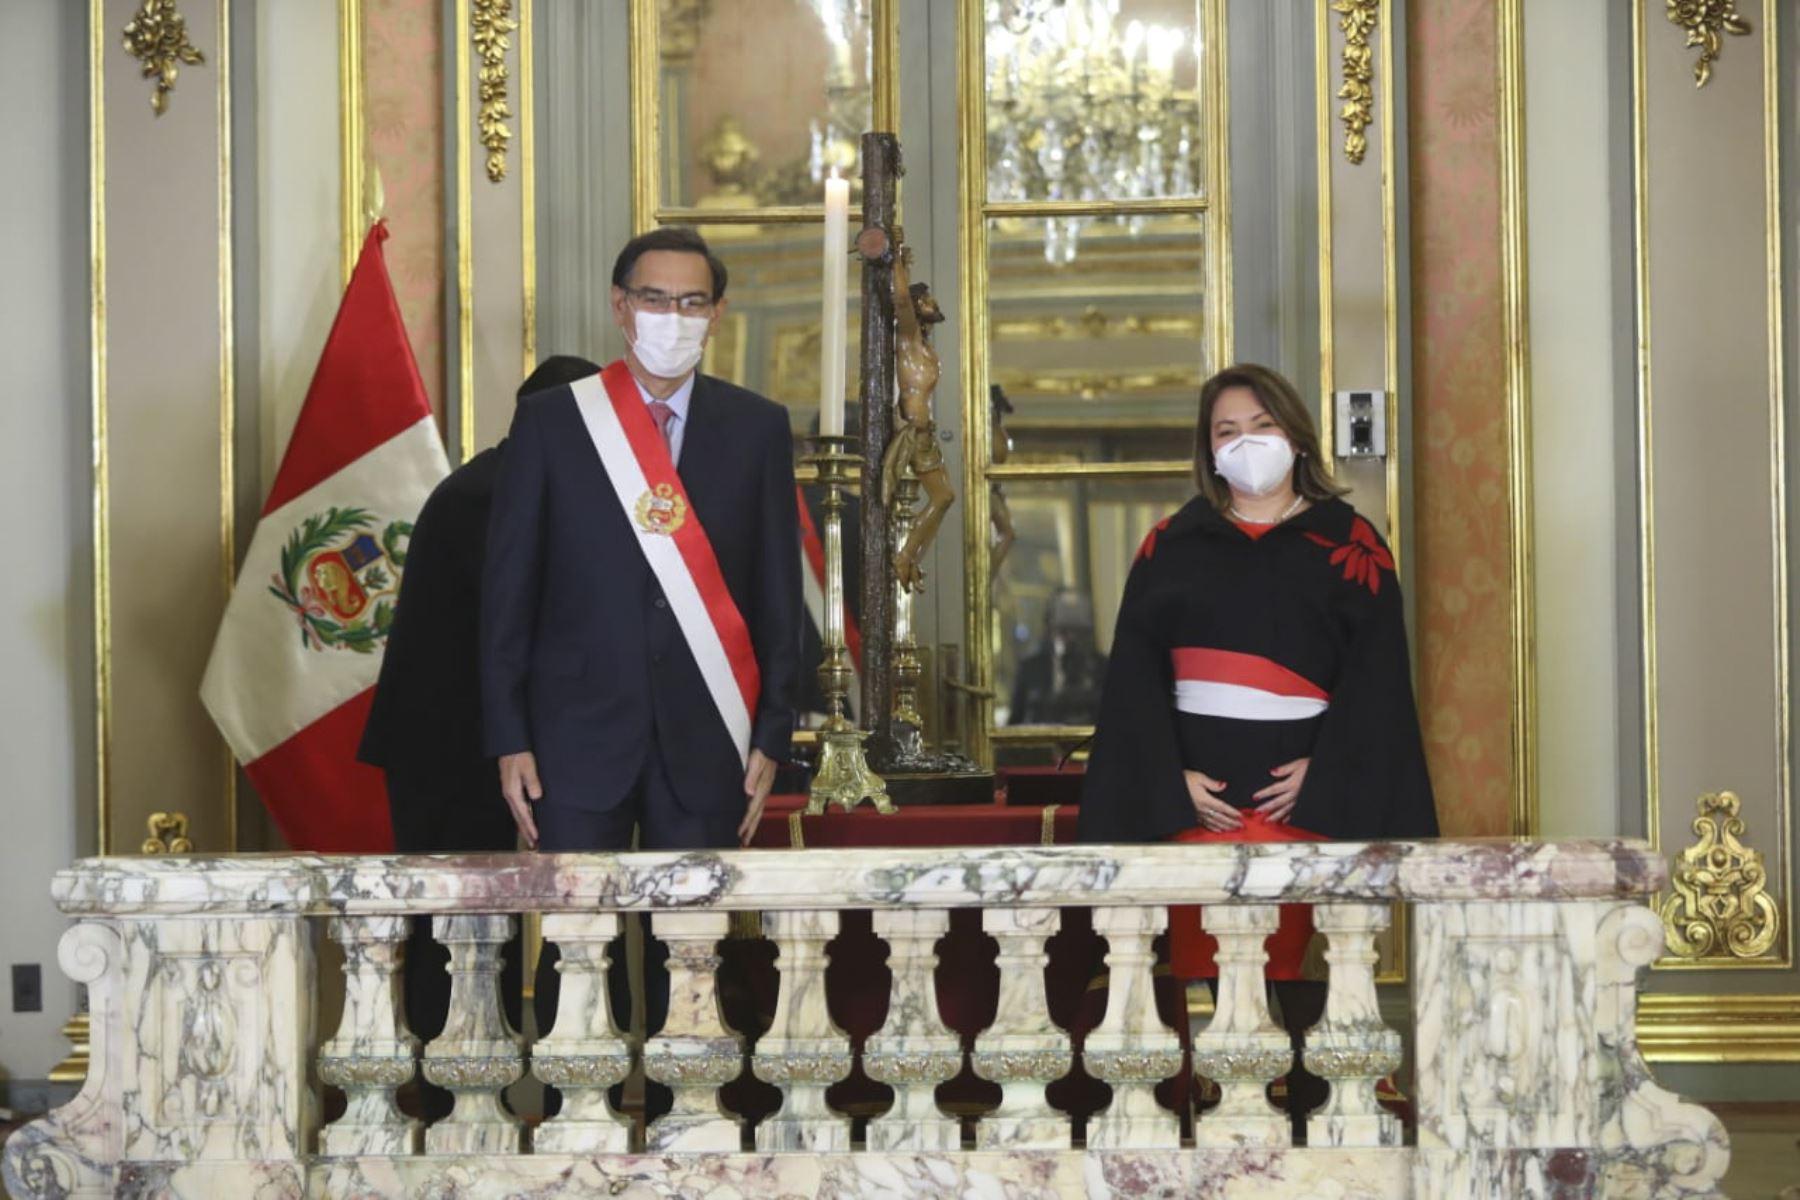 El presidente de la República, Martín Vizcarra, toma juramento a Rocio Barrios como ministra de comercio exterior y turismo.Foto: ANDINA/ Prensa Presidencia